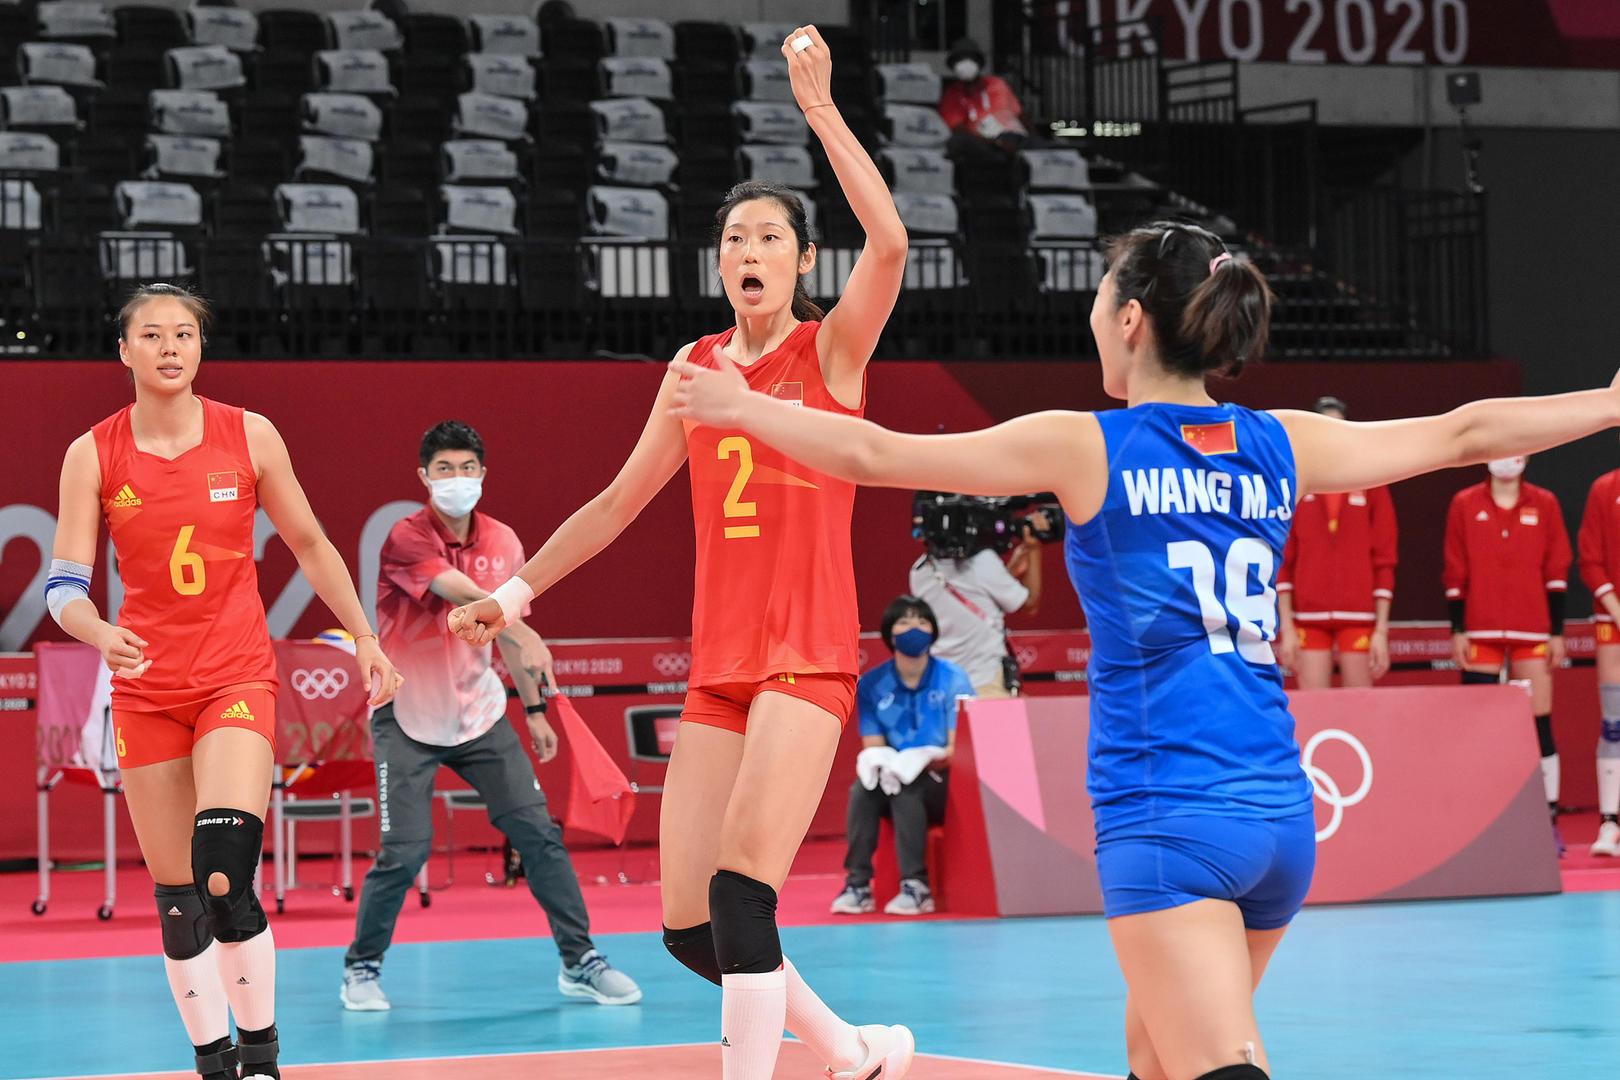 比赛现场图据视觉中国